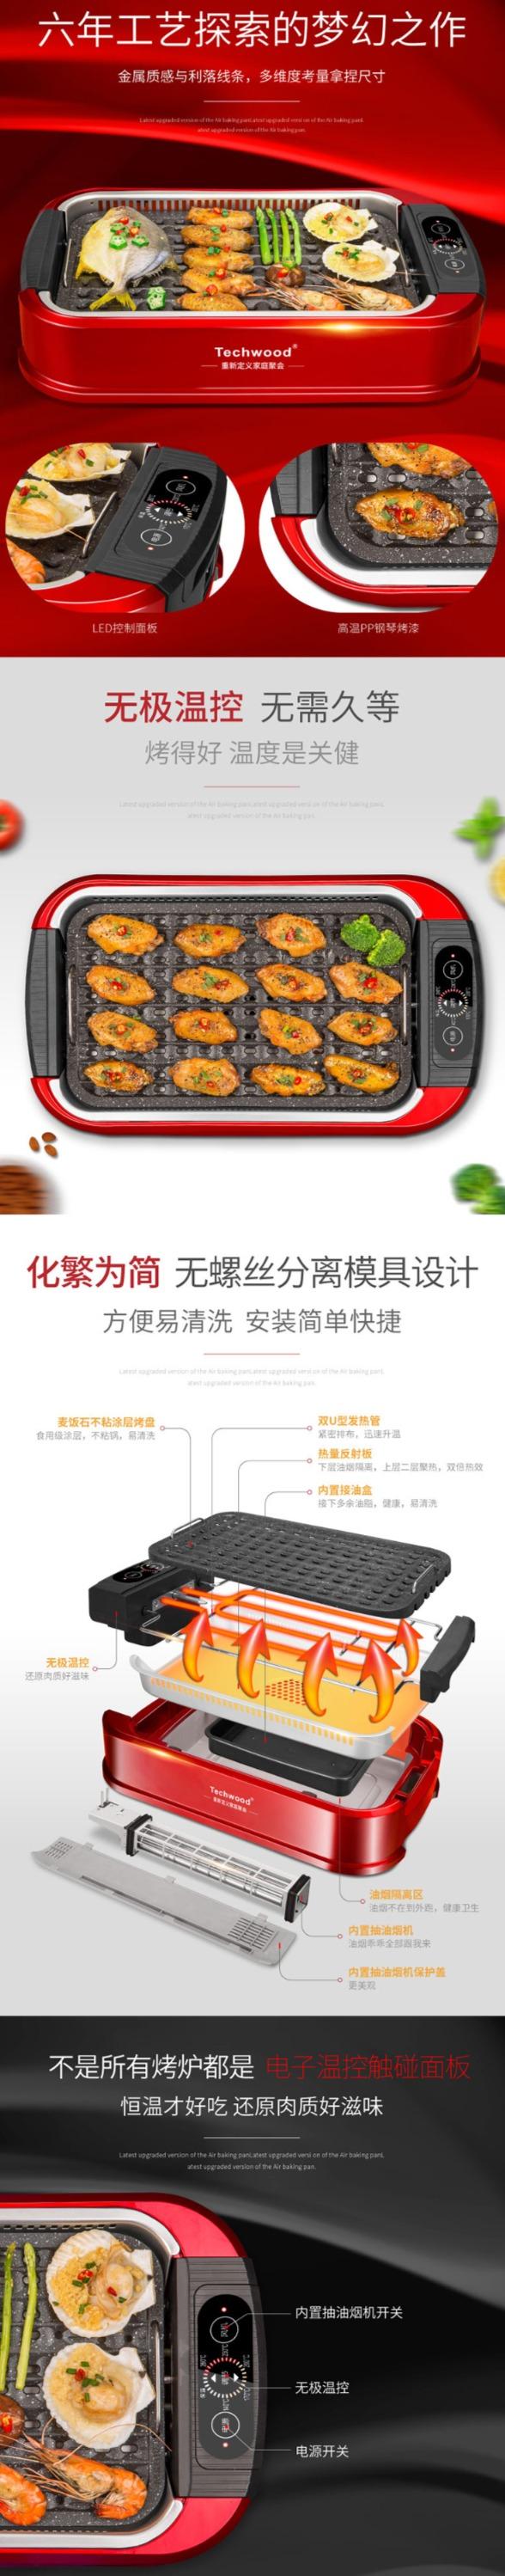 Techwood 1500W 升级版 家用无烟 麦饭石烤盘 电烧烤炉 140.98加元包邮!自带油烟过滤系统!